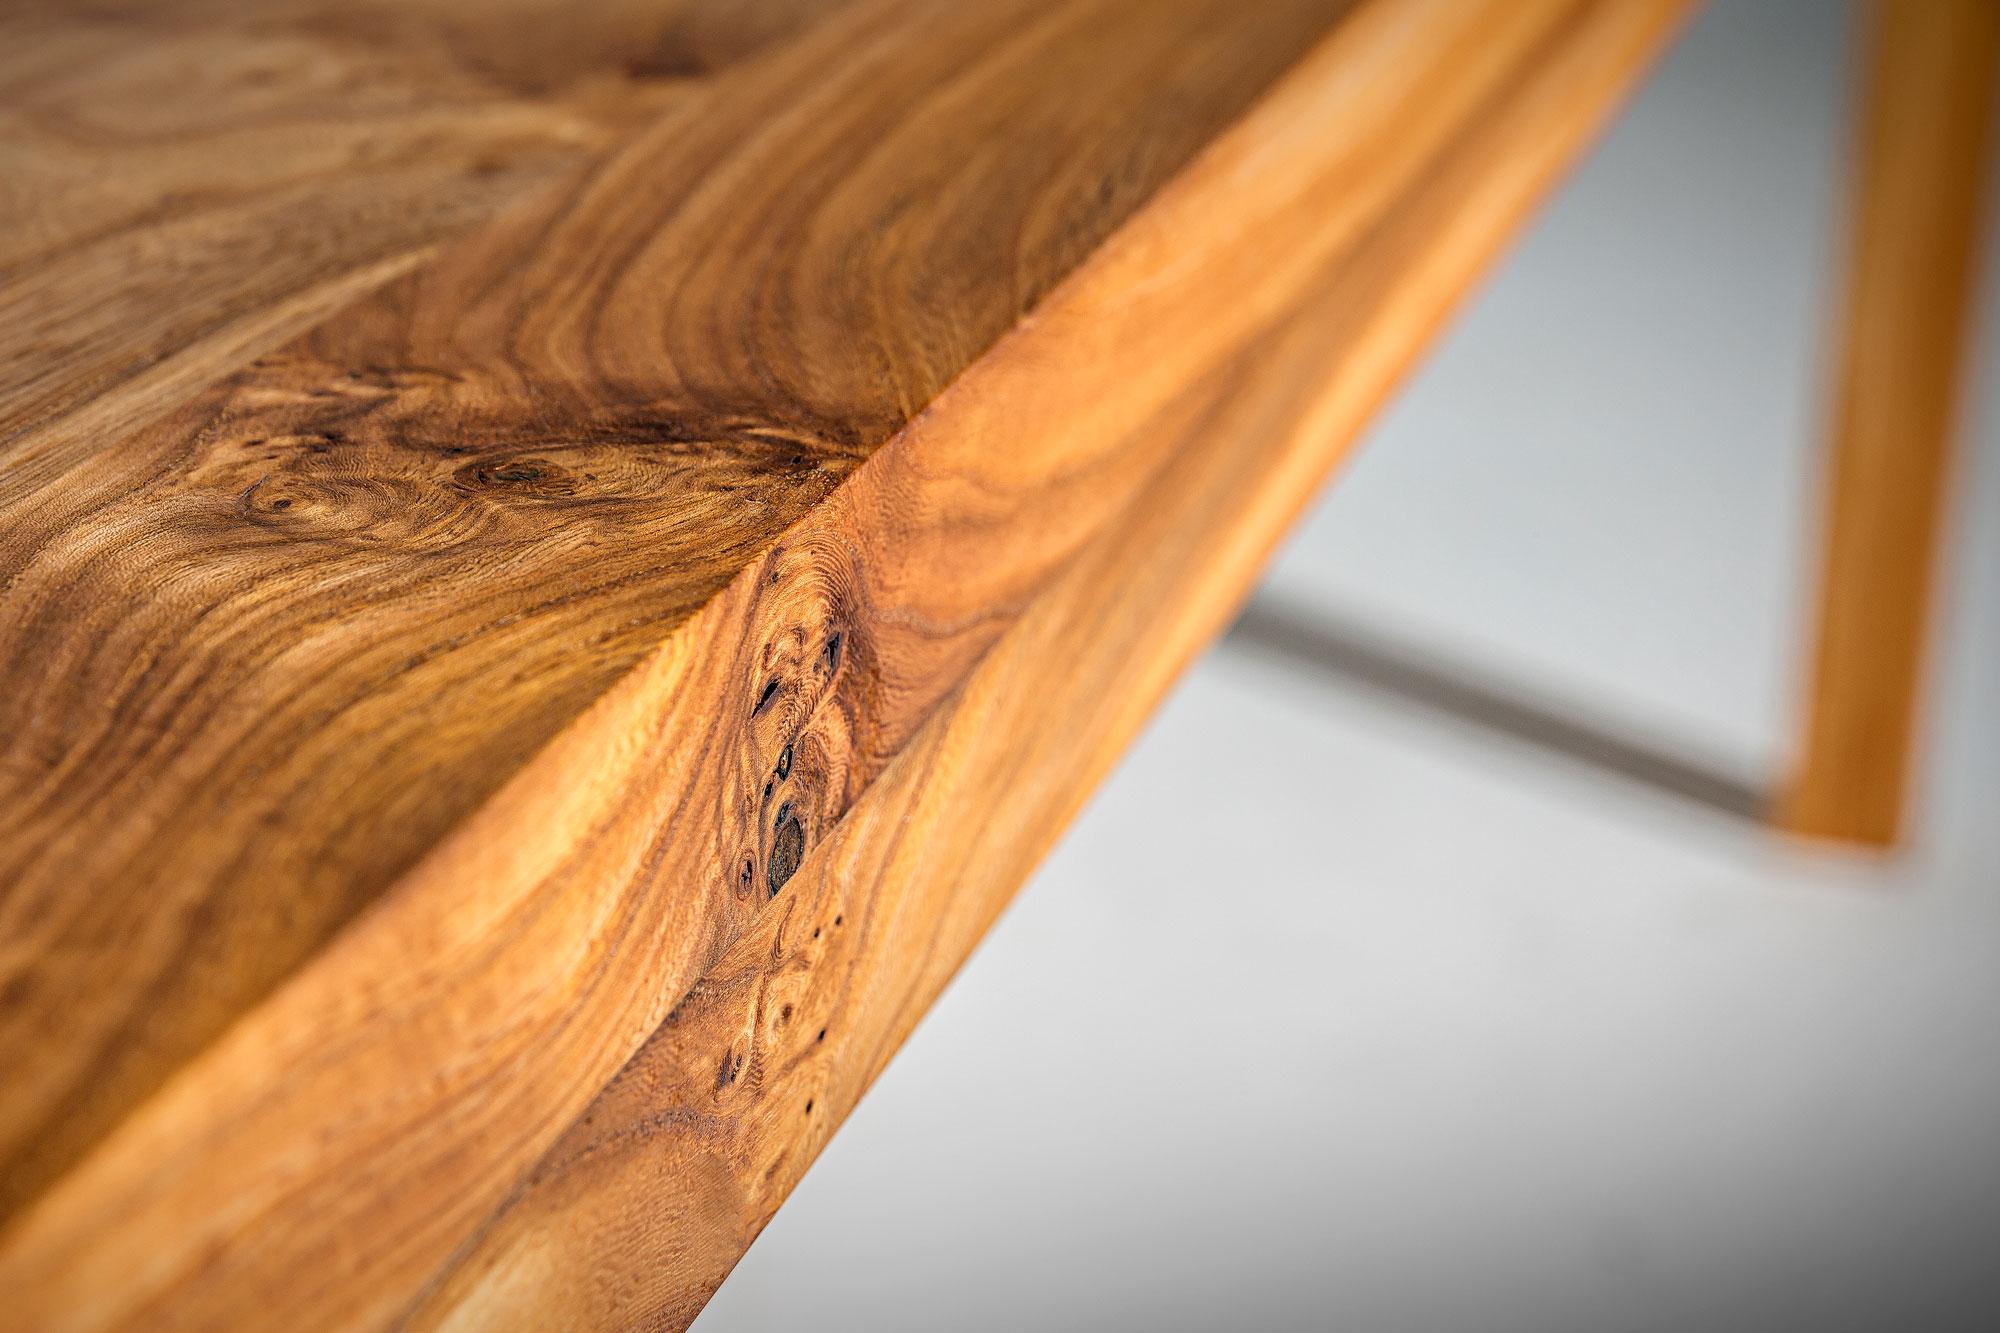 iepenhouten-tafel